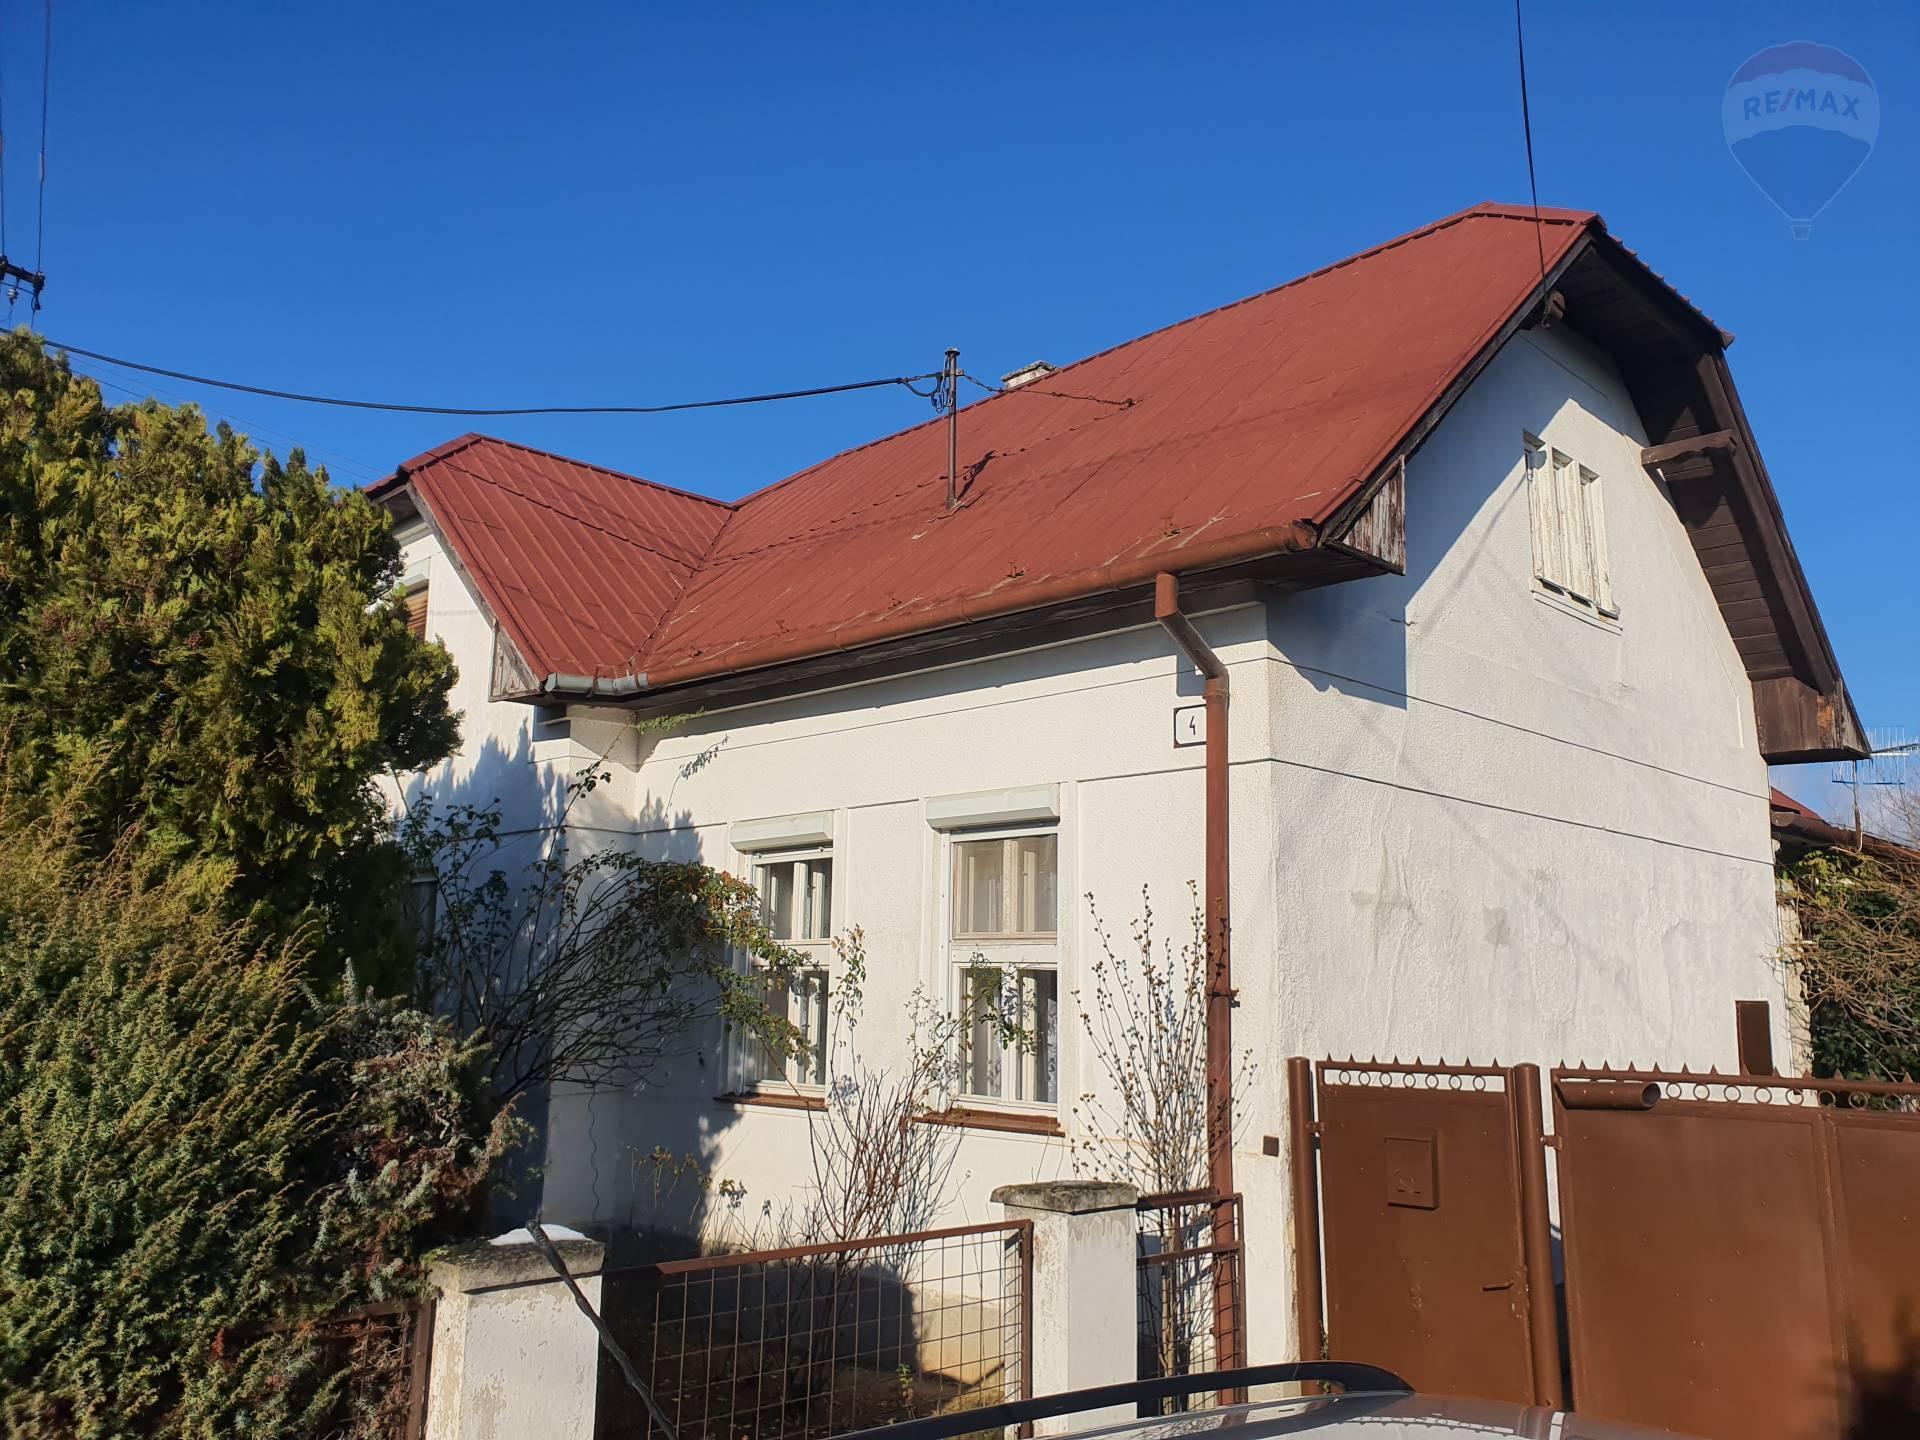 PREDÁM - rodinný dom v obci LIBICHAVA na pozemku 1.591 m2 + záhrada 5.000 m2,